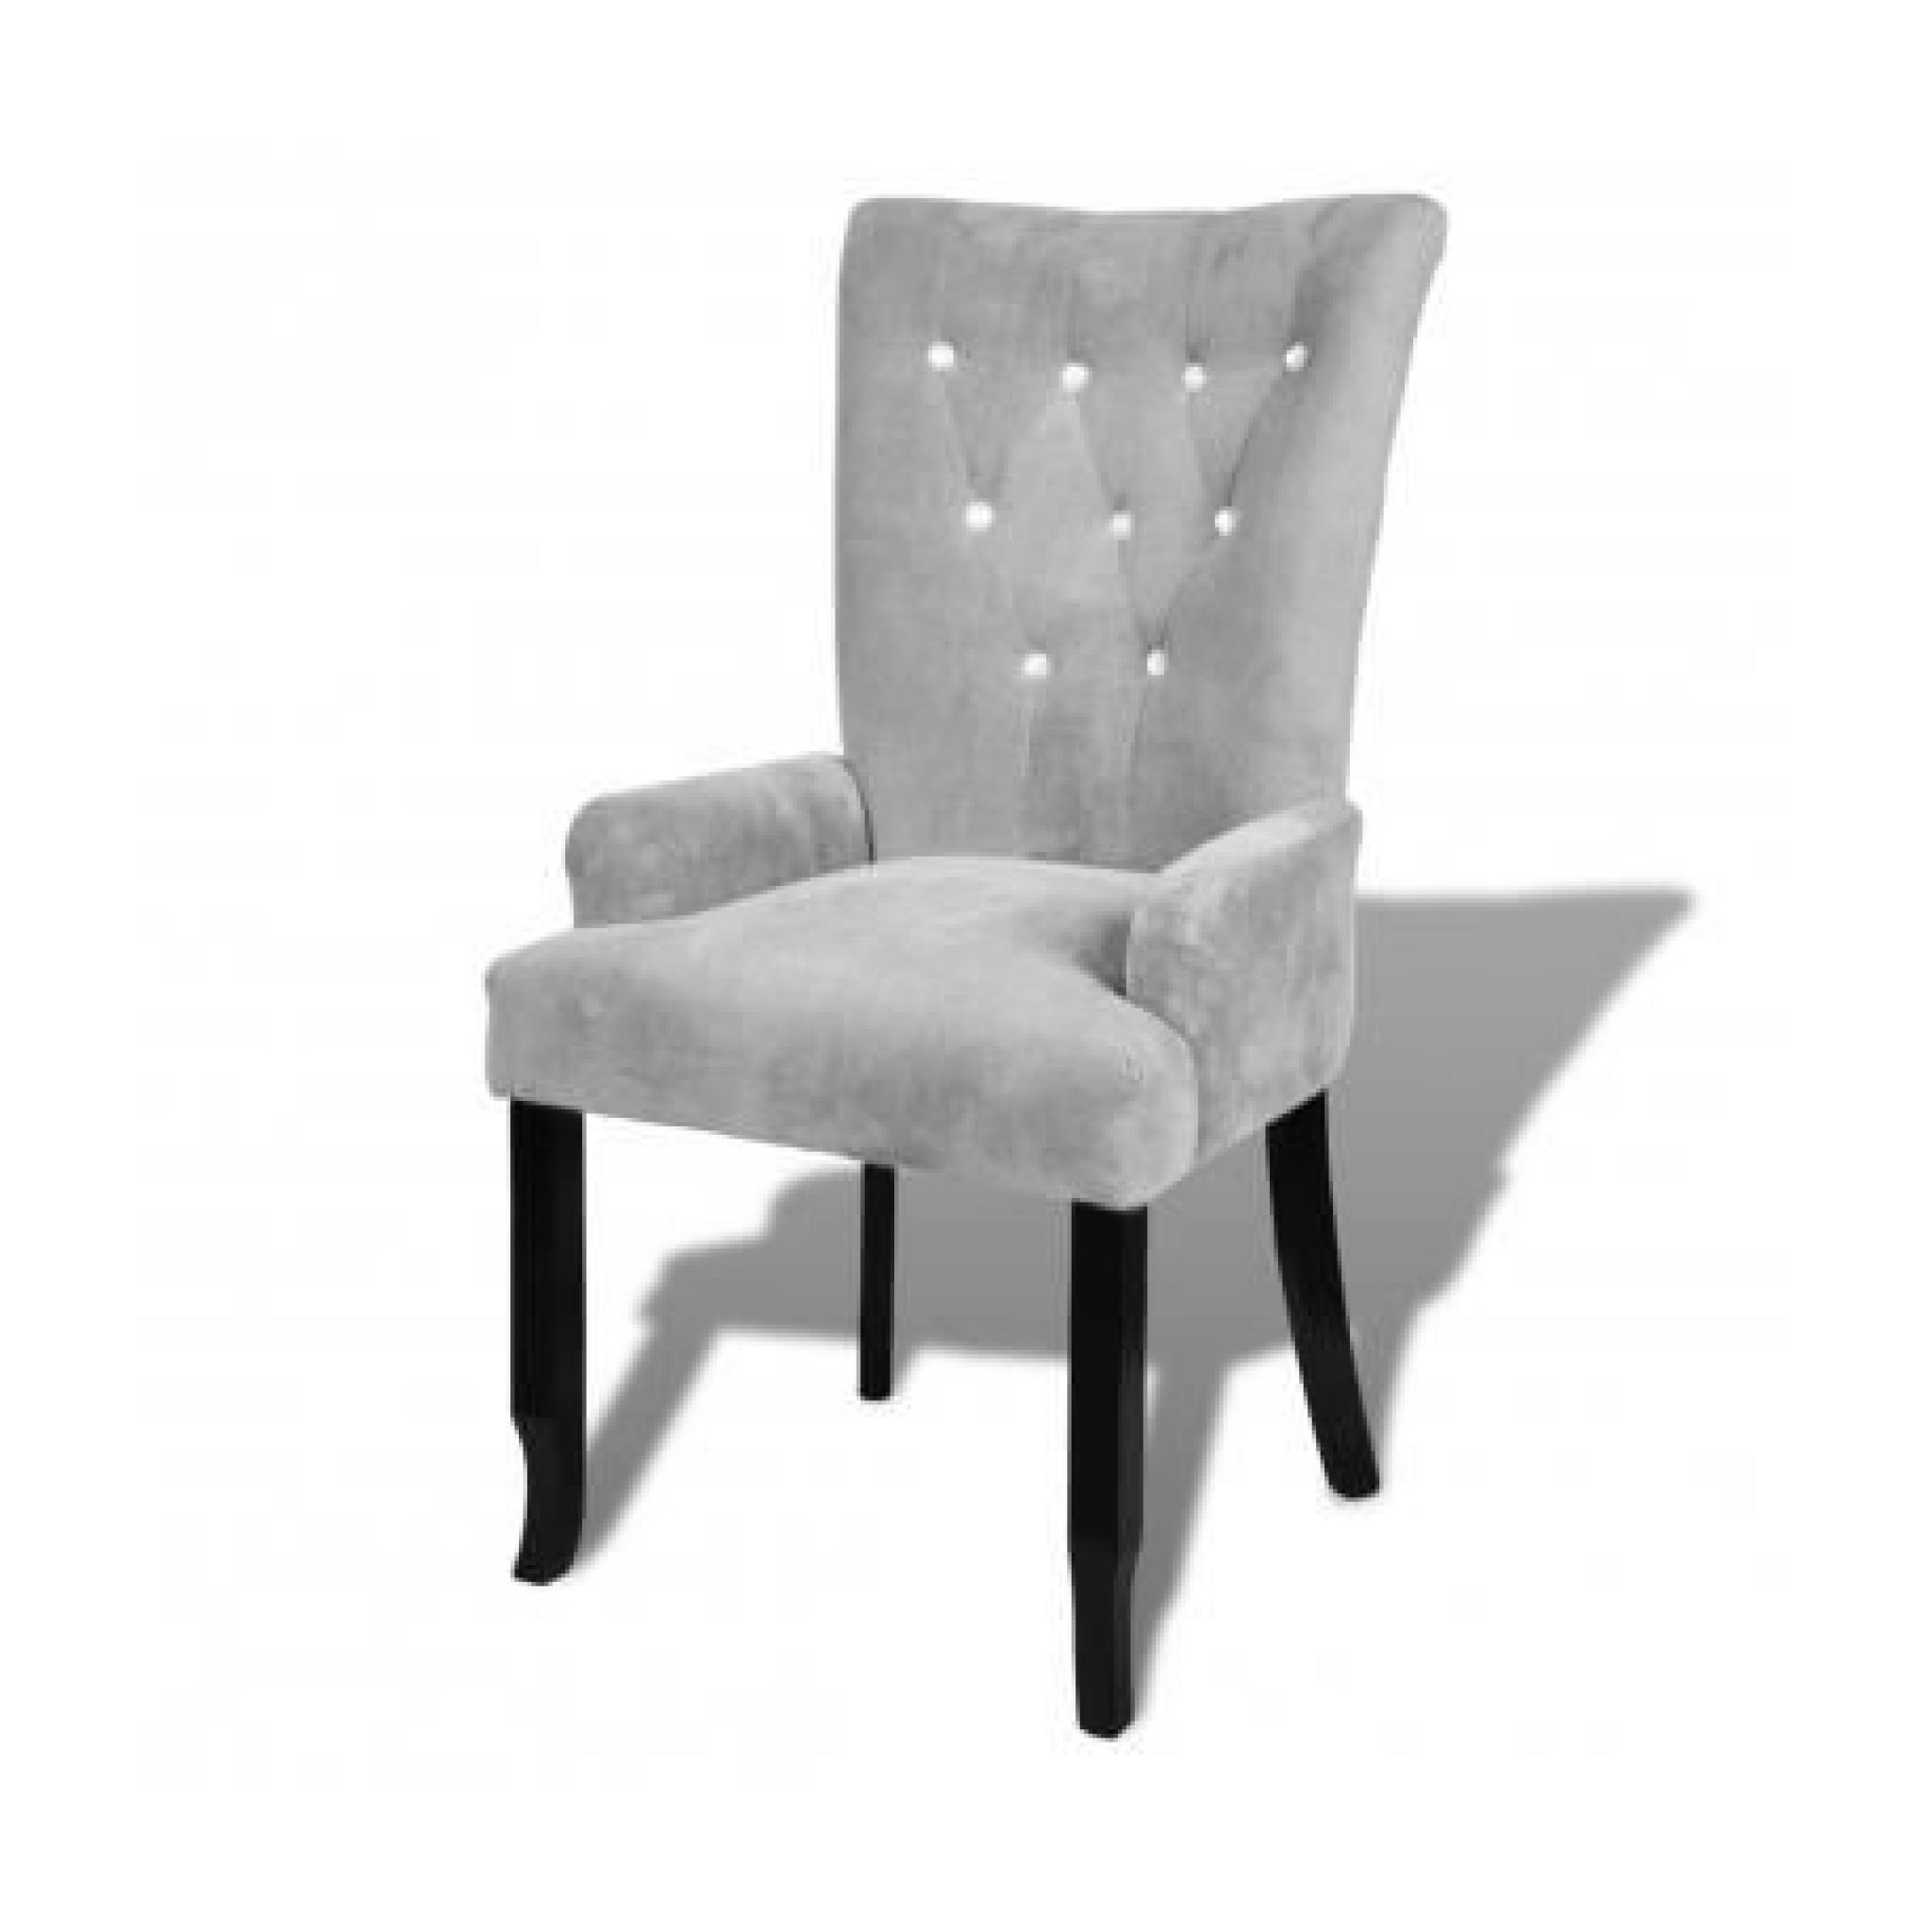 chaise capitonn e argent 54 x 56 x 106 cm achat vente. Black Bedroom Furniture Sets. Home Design Ideas